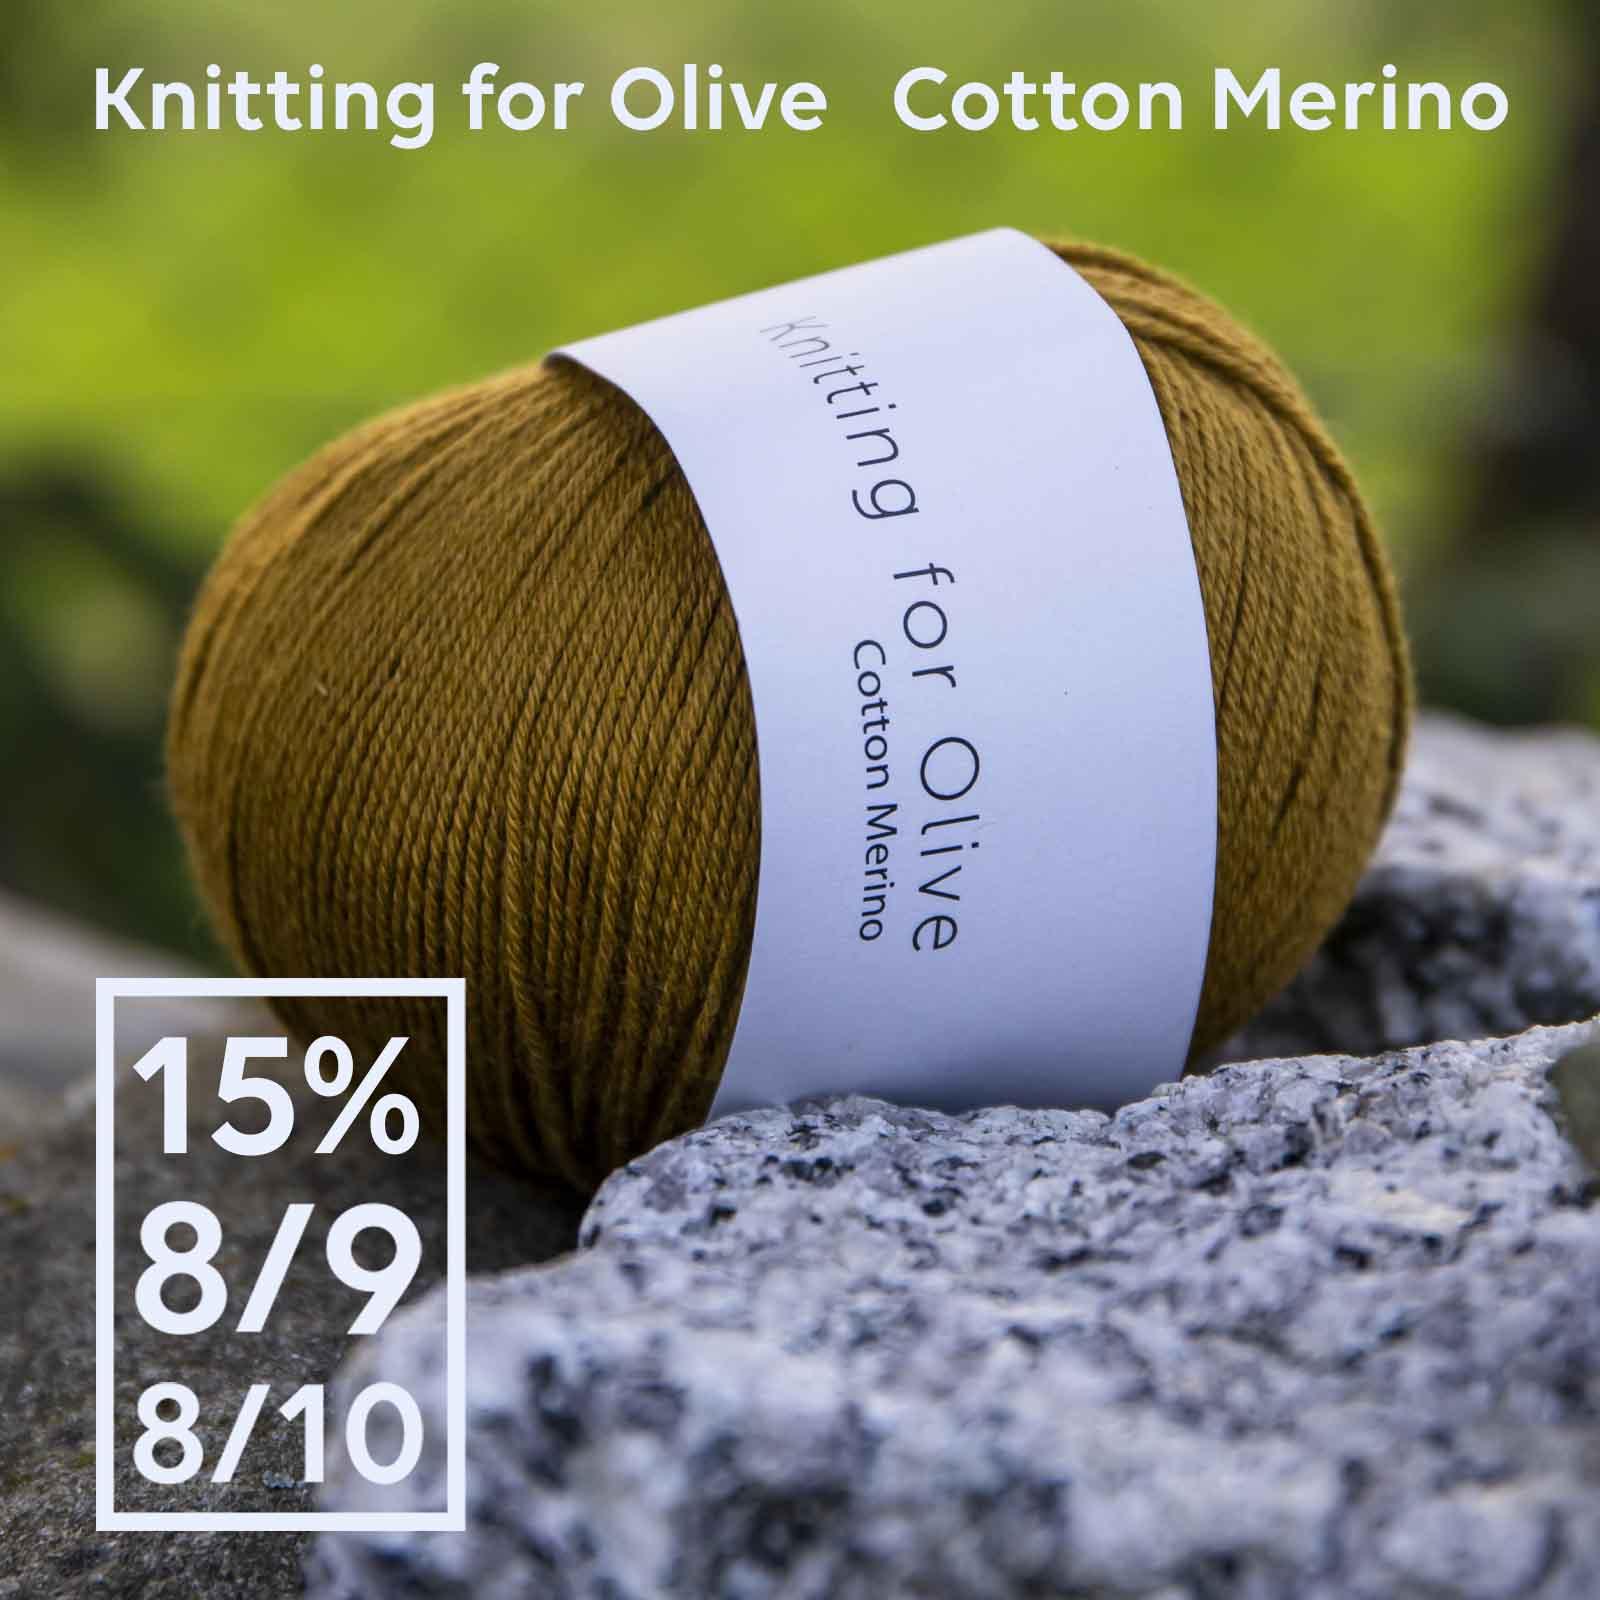 podzim_KFO_cotton_merino